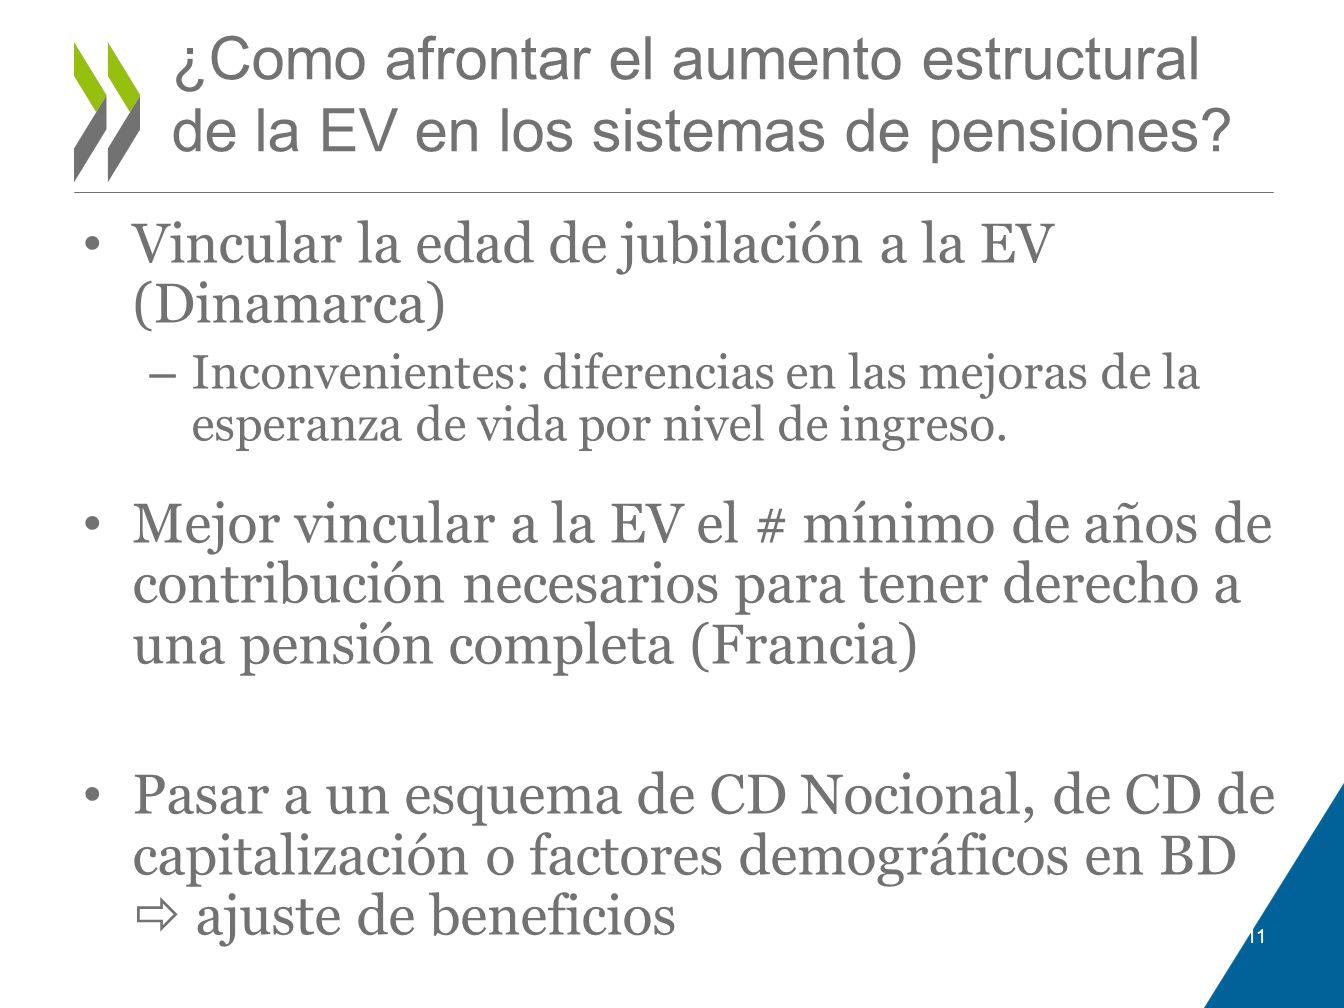 ¿Como afrontar el aumento estructural de la EV en los sistemas de pensiones